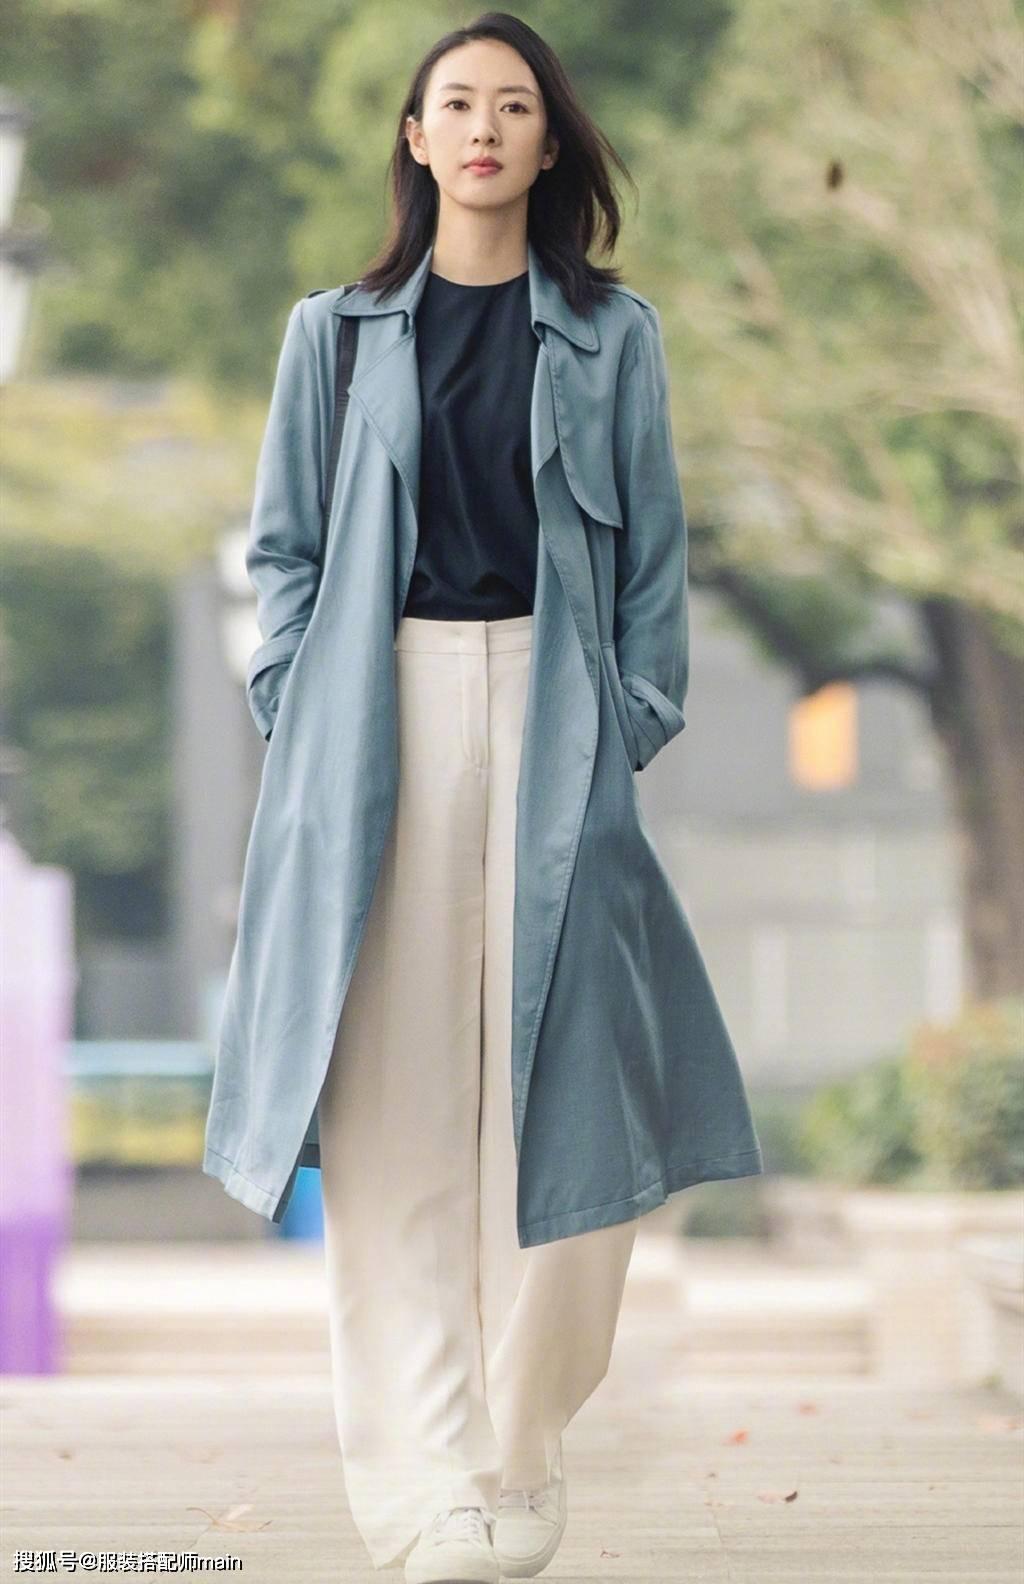 童瑶在《三十而已》里太会穿了?每套造型都简约大气,还彰显品位